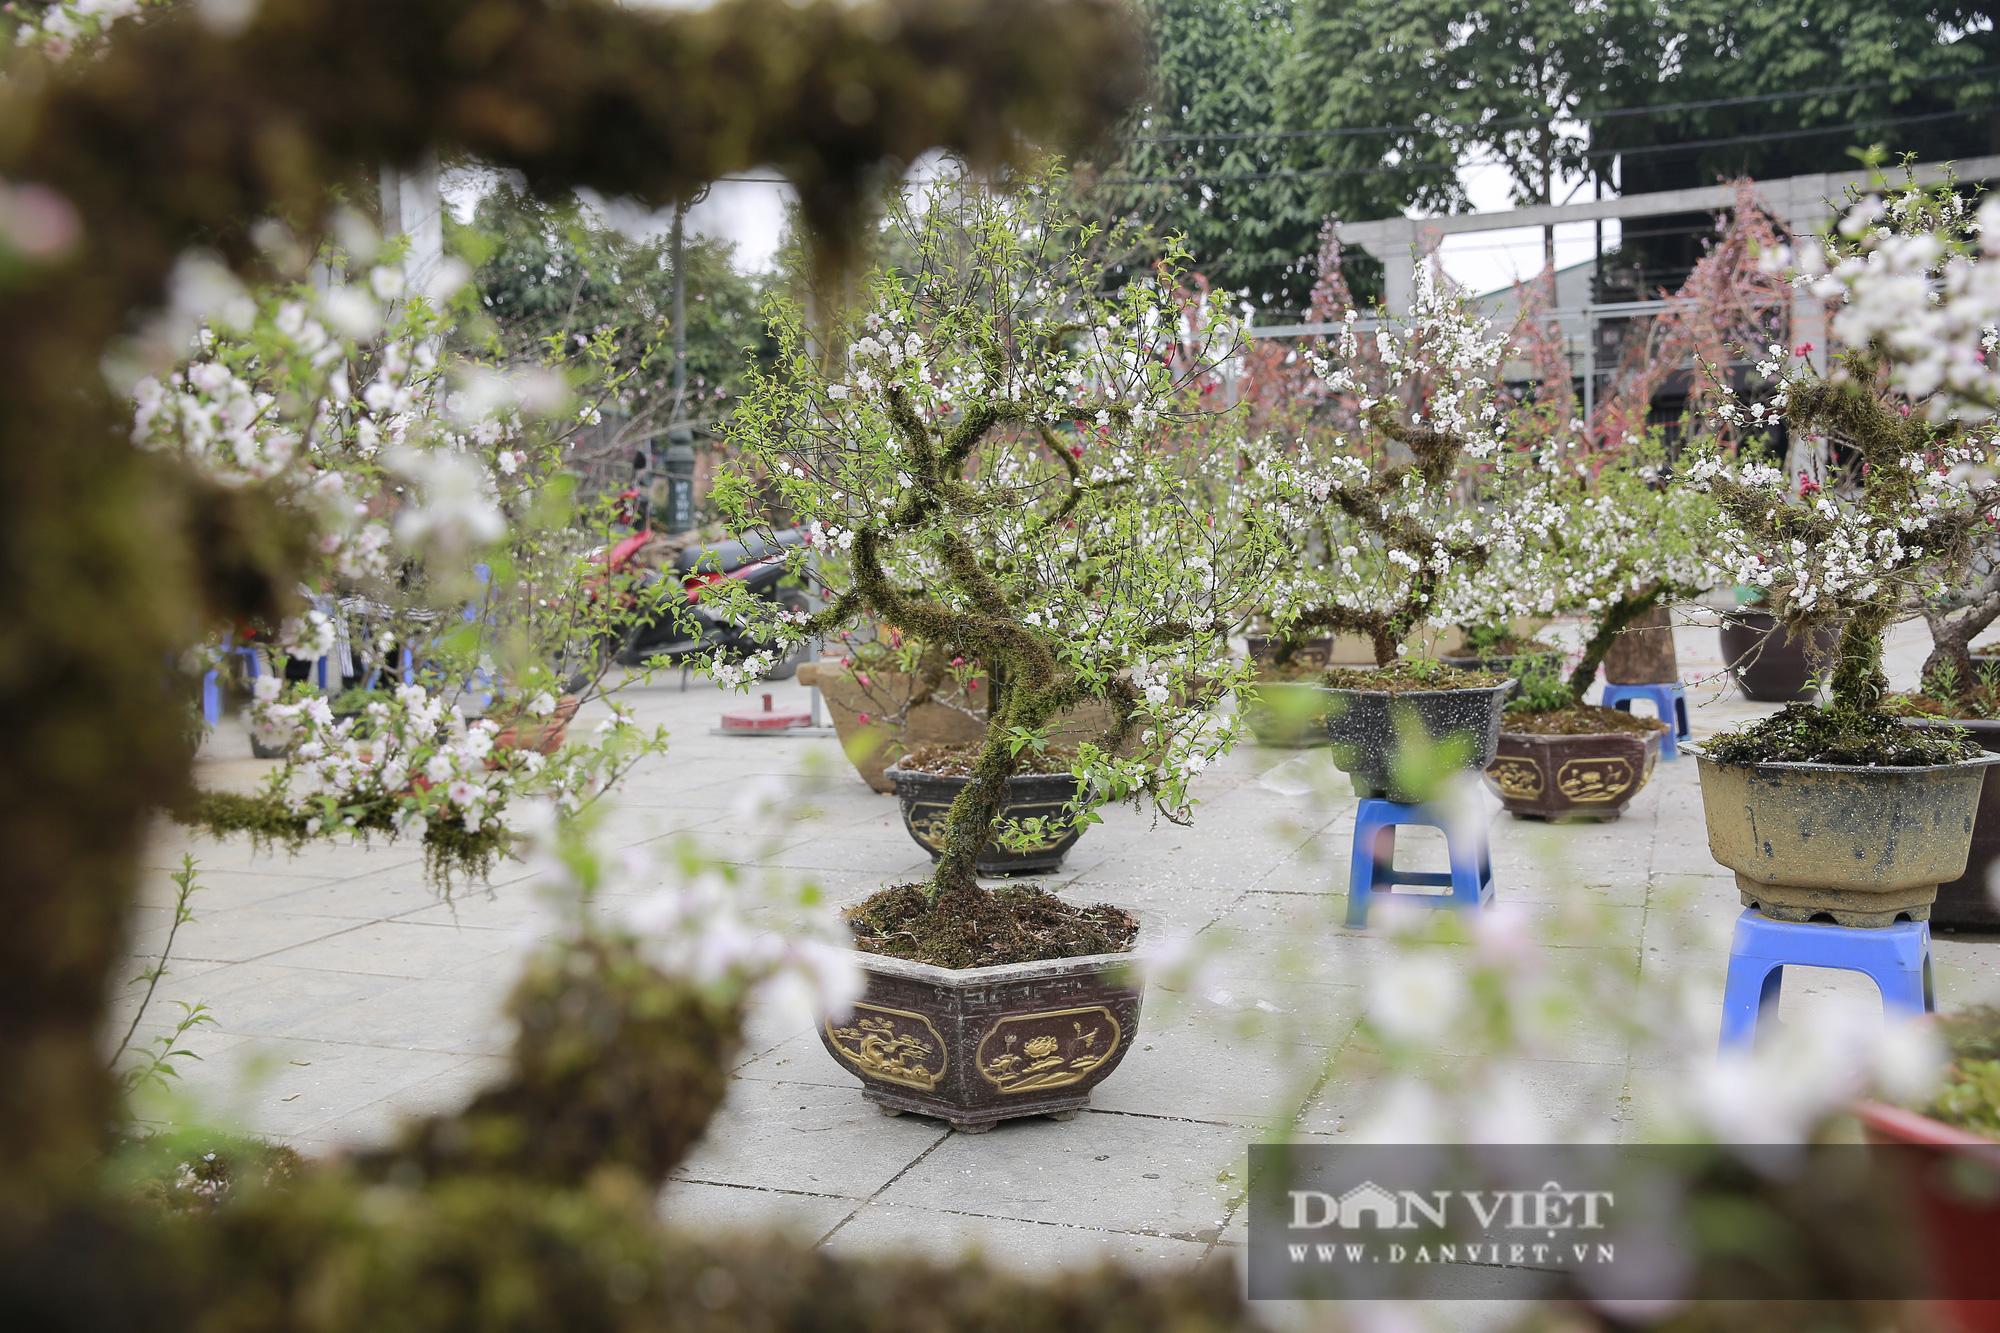 """Loài cây quý hiếm để trong nhà là """"sang"""" hút khách dịp Tết Nguyên đán - Ảnh 11."""